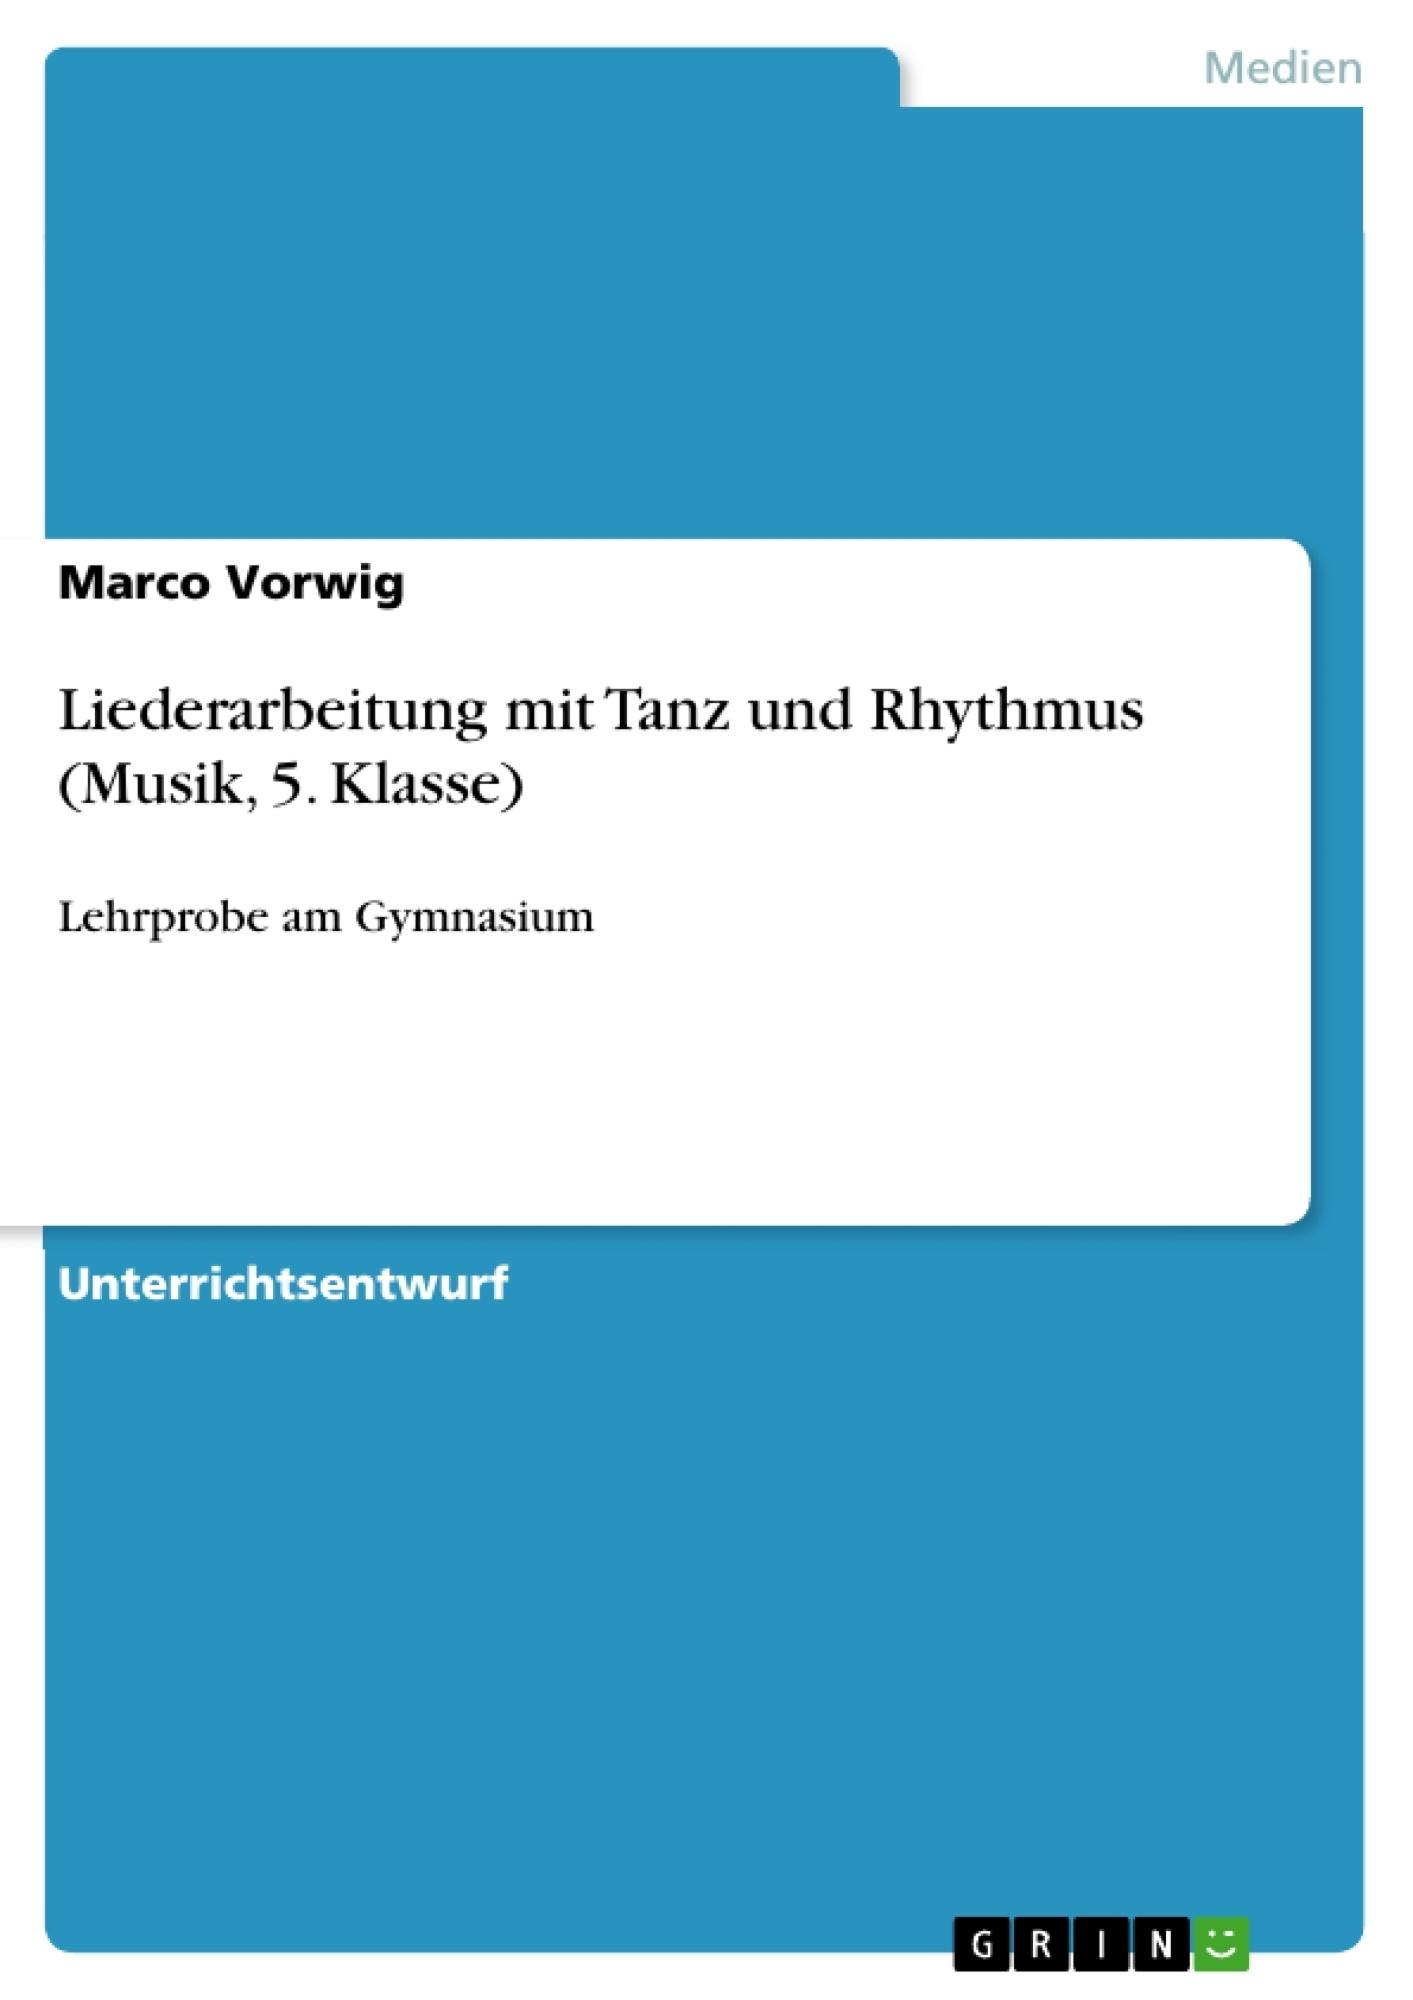 Titel: Liederarbeitung mit Tanz und Rhythmus (Musik, 5. Klasse)